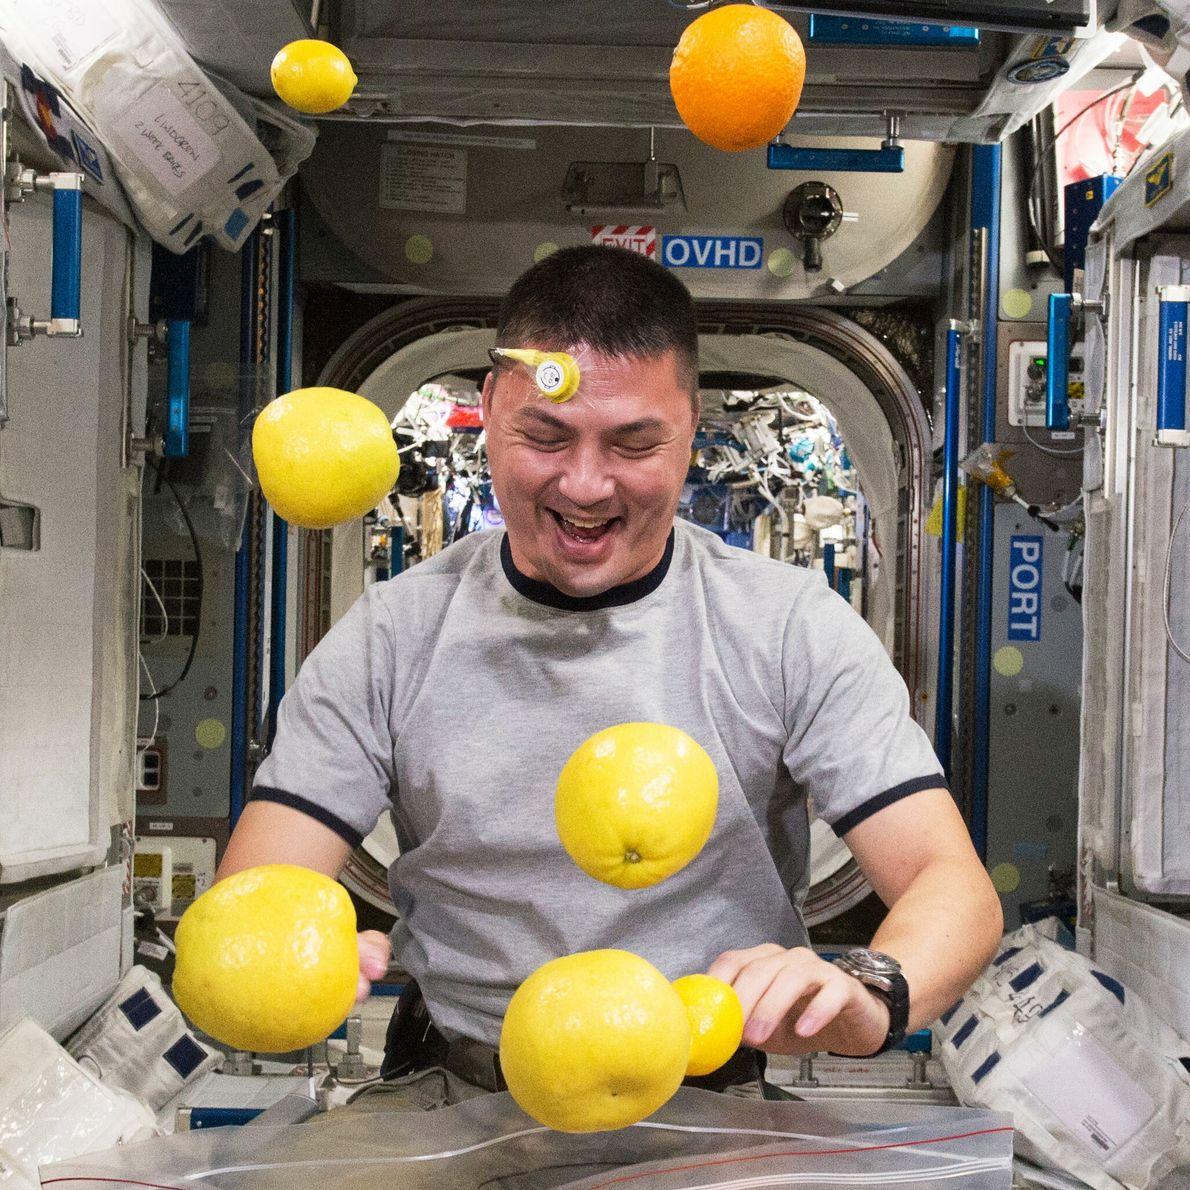 Kjell Lindgren - promotion d'astronautes 2009, 141 jours dans l'espace.